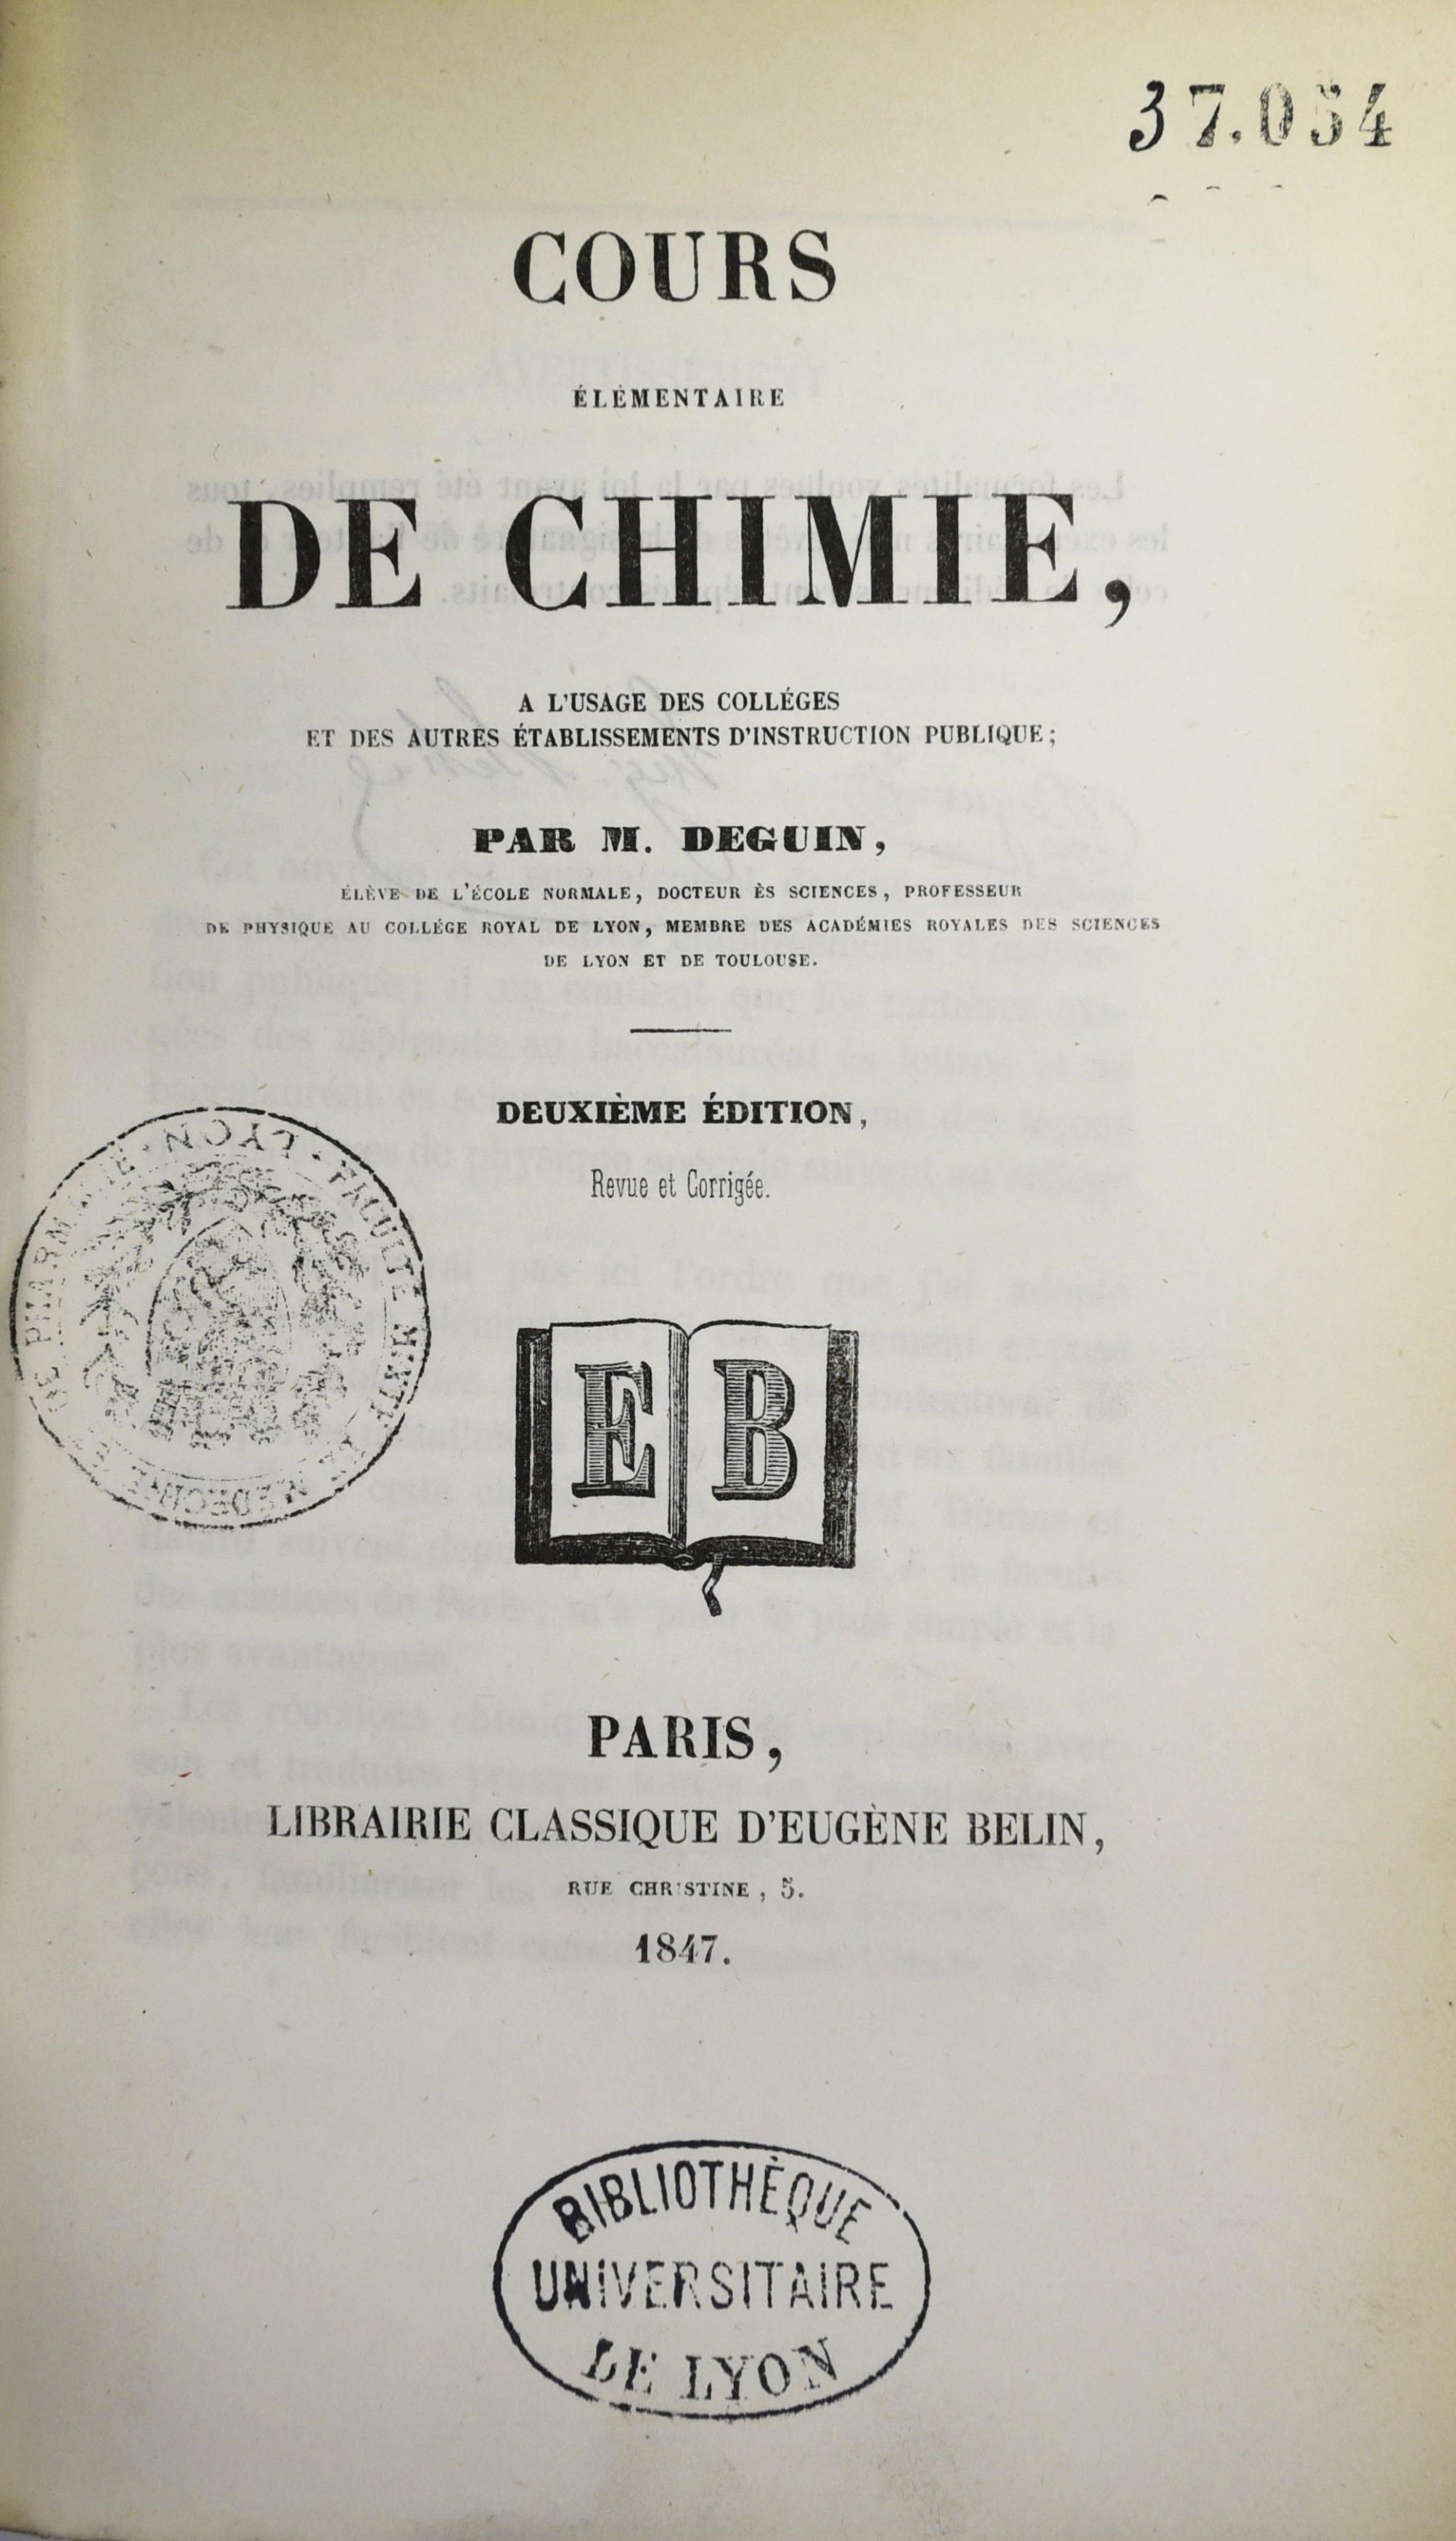 Cours elementaire de chimie 1847_page de titre